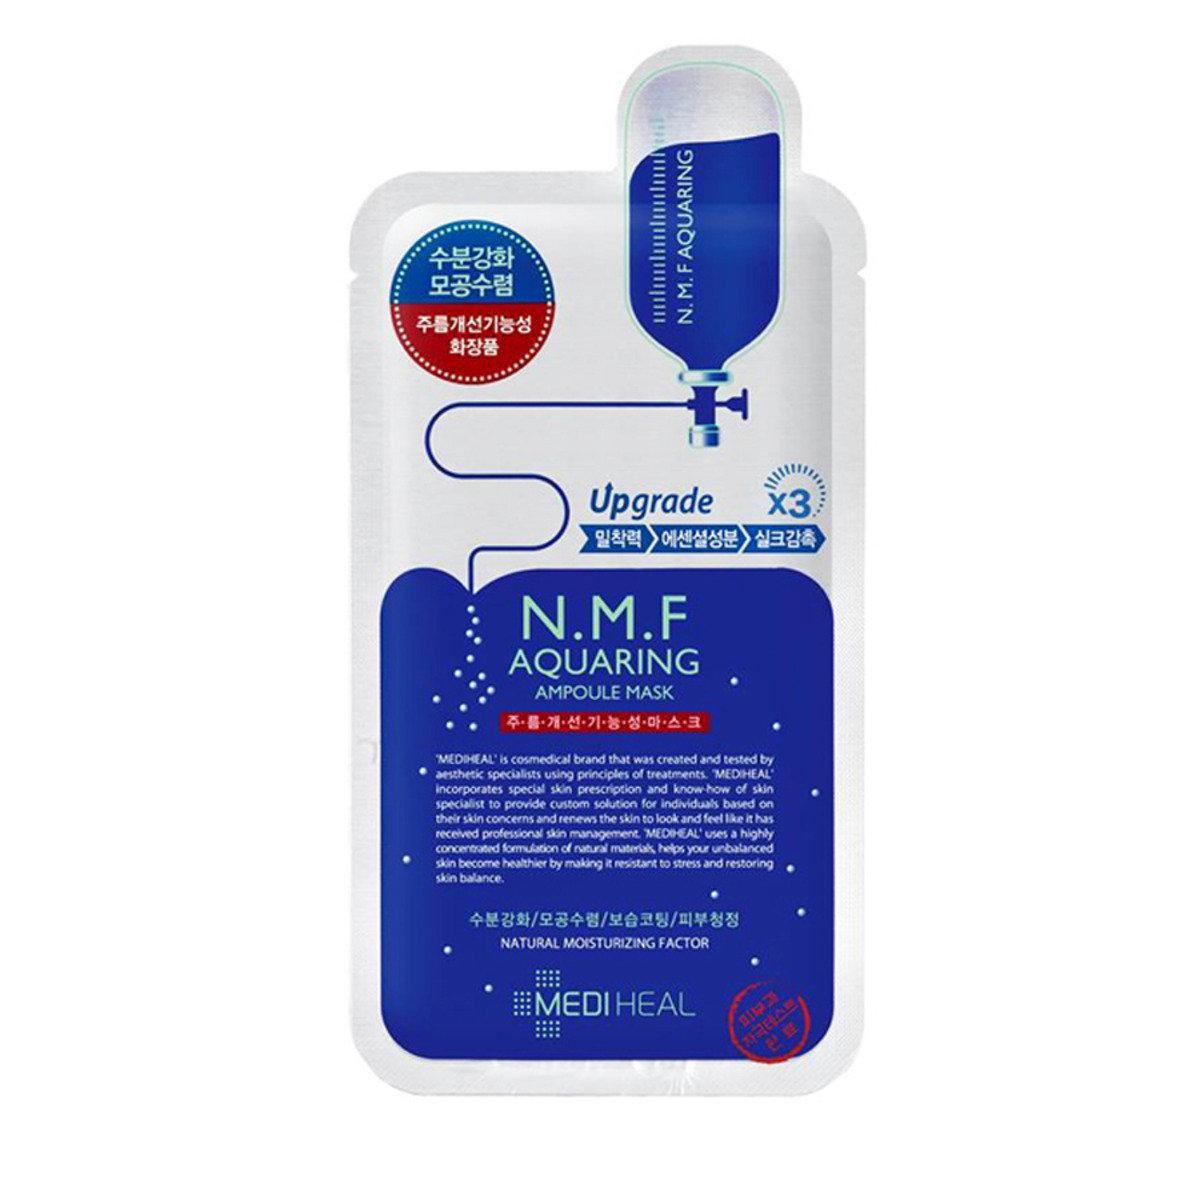 N.M.F Aquaring Ampoule Mask EX3 25ml x10pcs Blue (8809470122234)